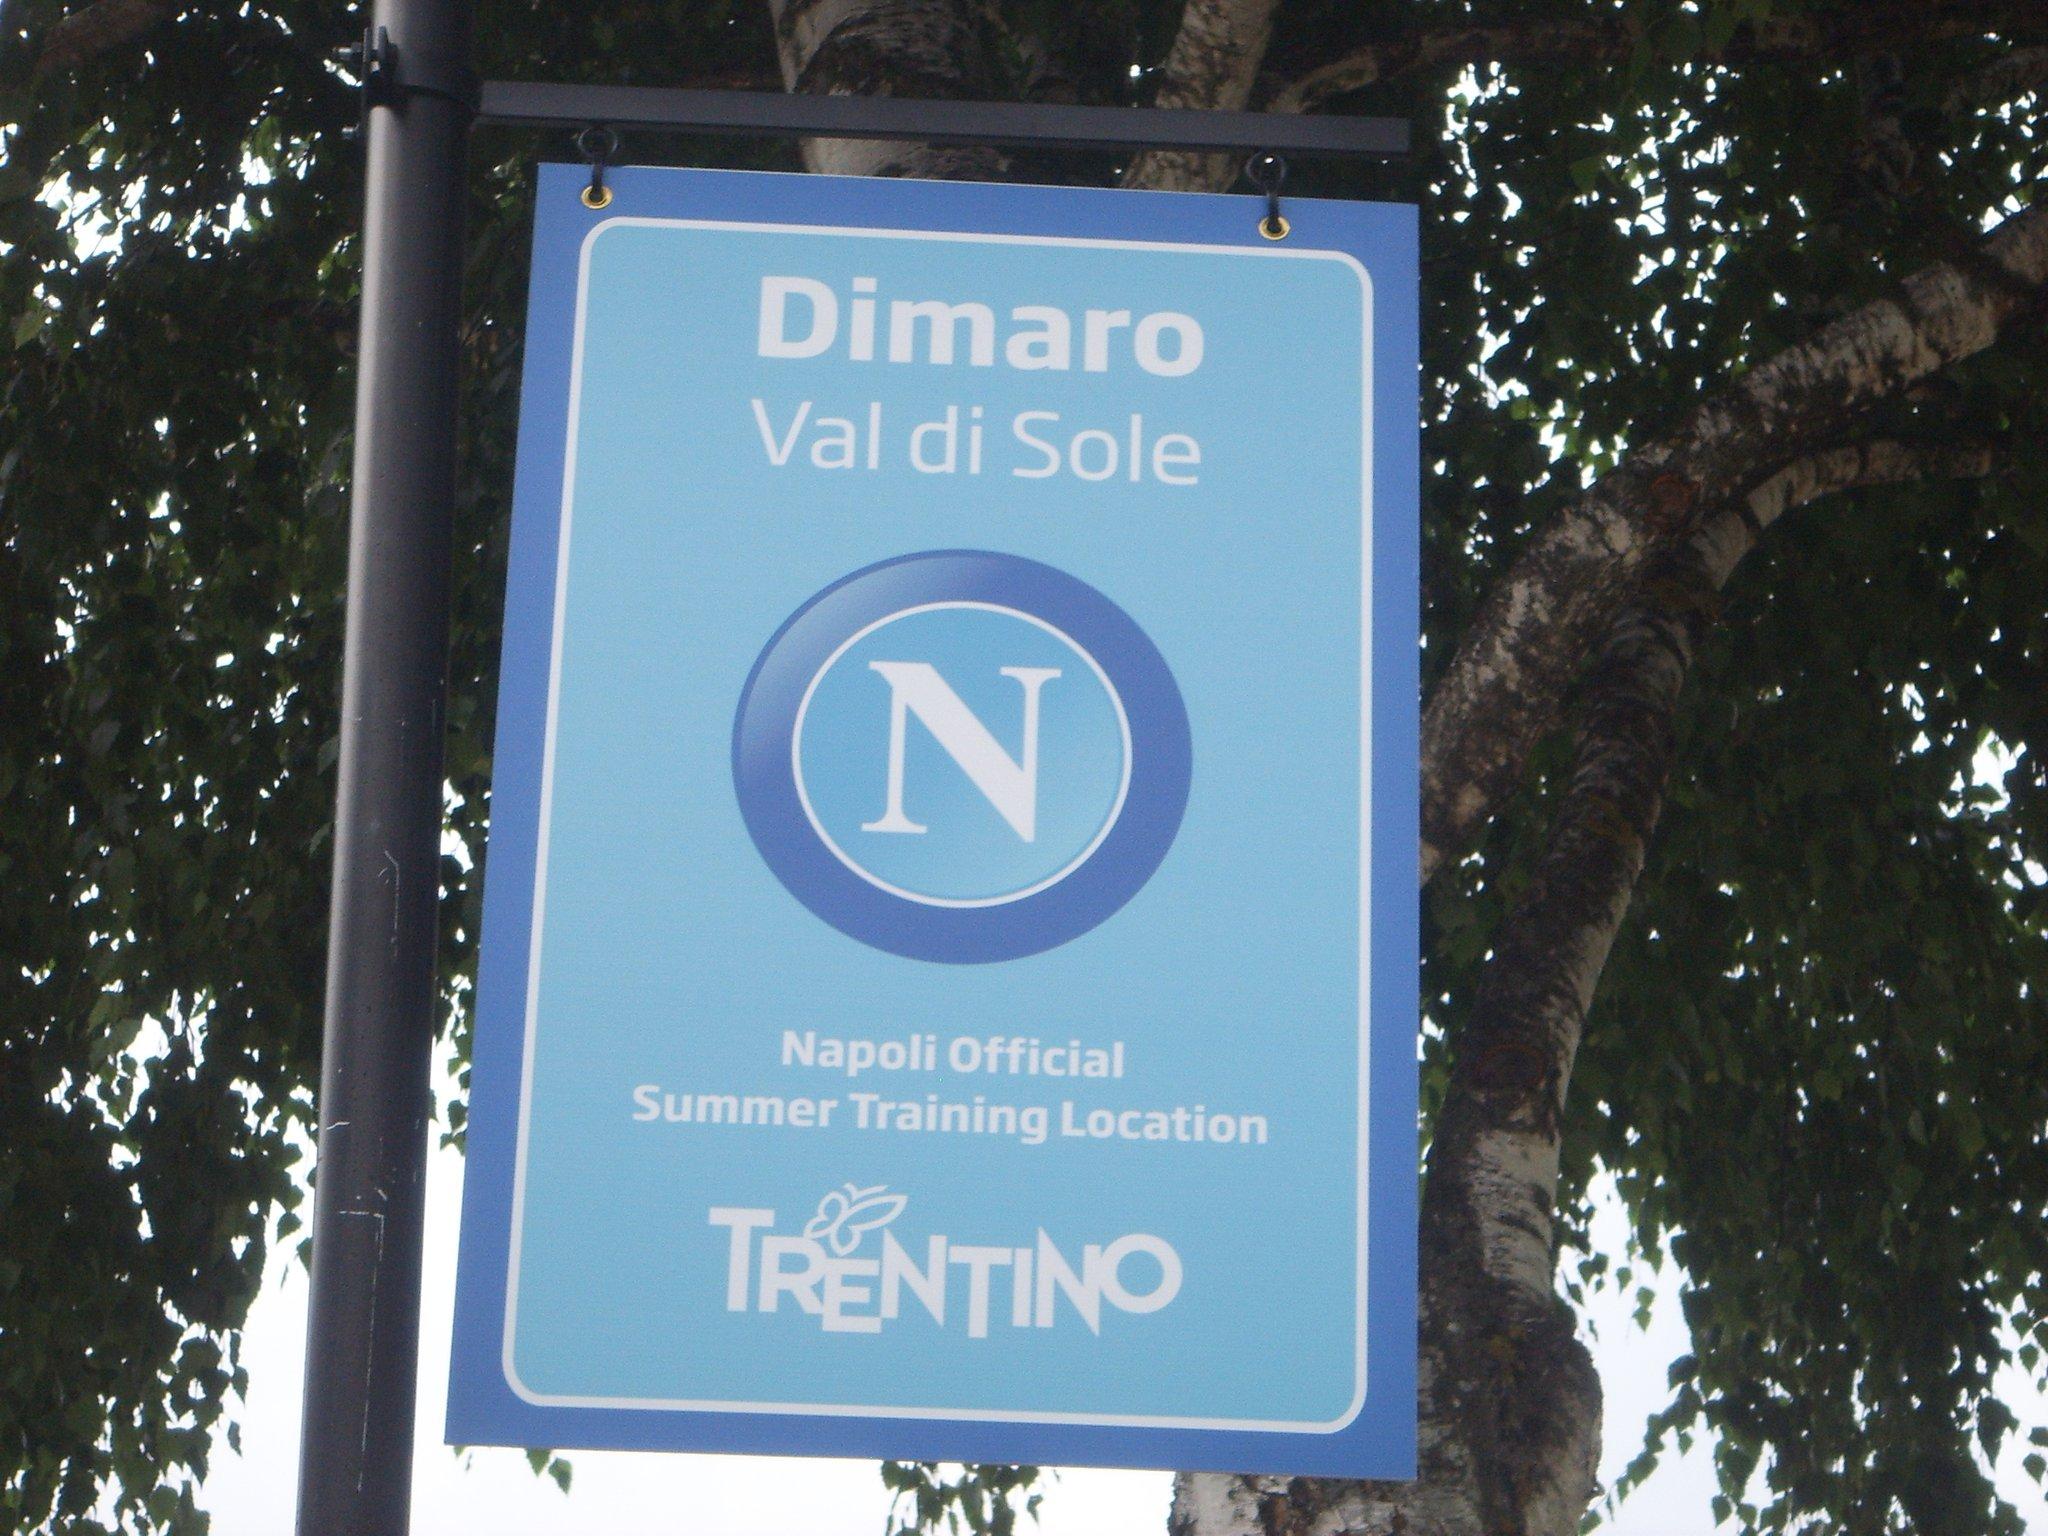 Il Napoli arrivato al ritiro di Dimaro, ovazioni per Hamsik e Reina